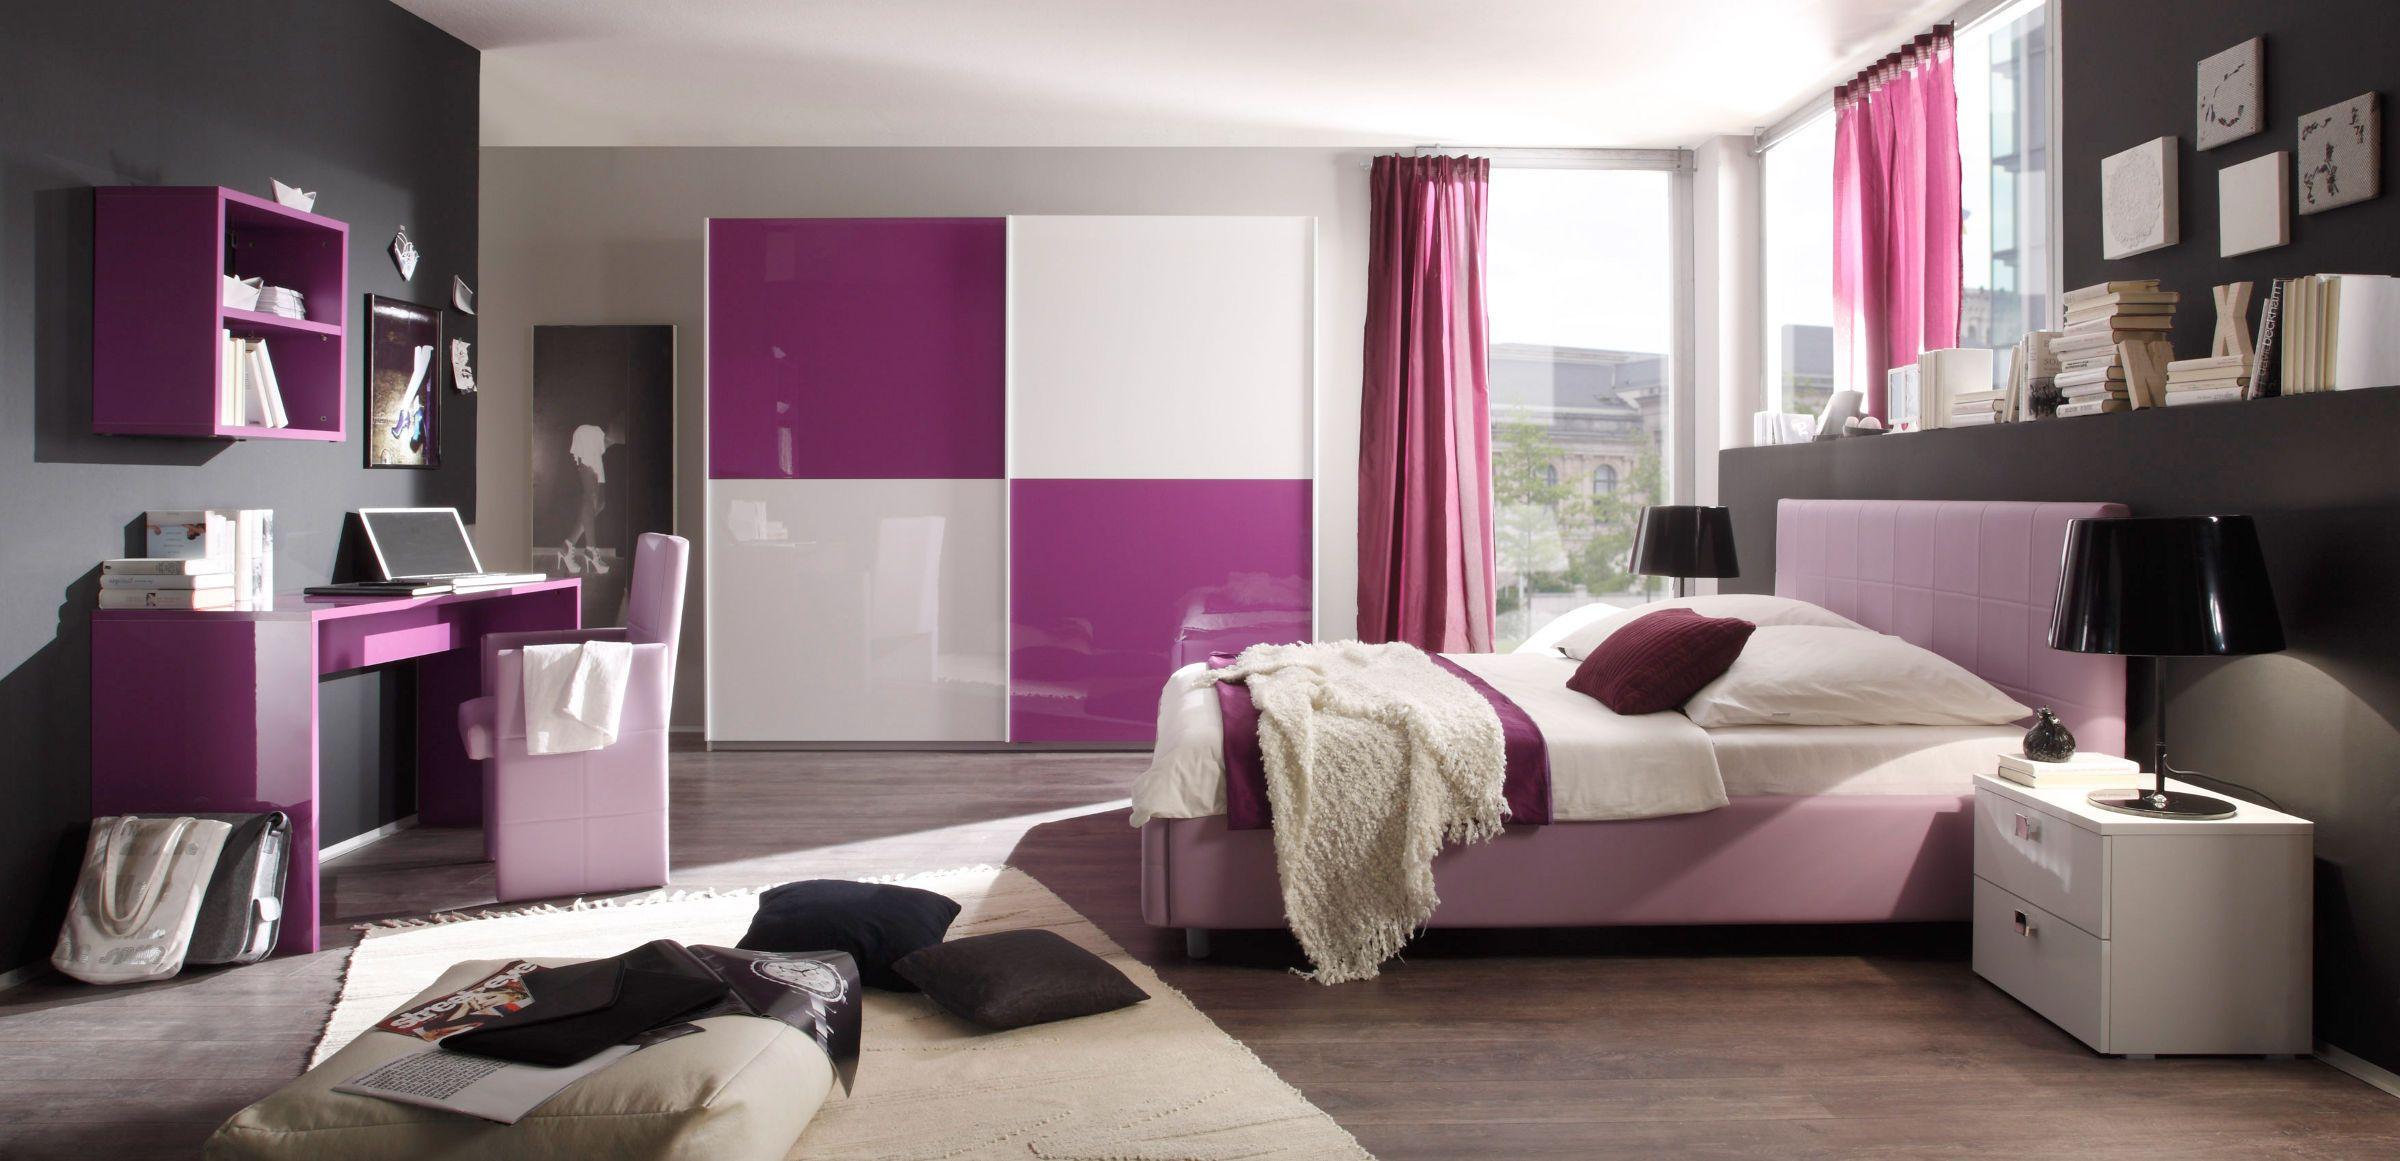 Jugendzimmer komplett weiß hochglanz  Schlafzimmer weiß / lila Hochglanz Lack Italien Colorativi1 | Pimp ...